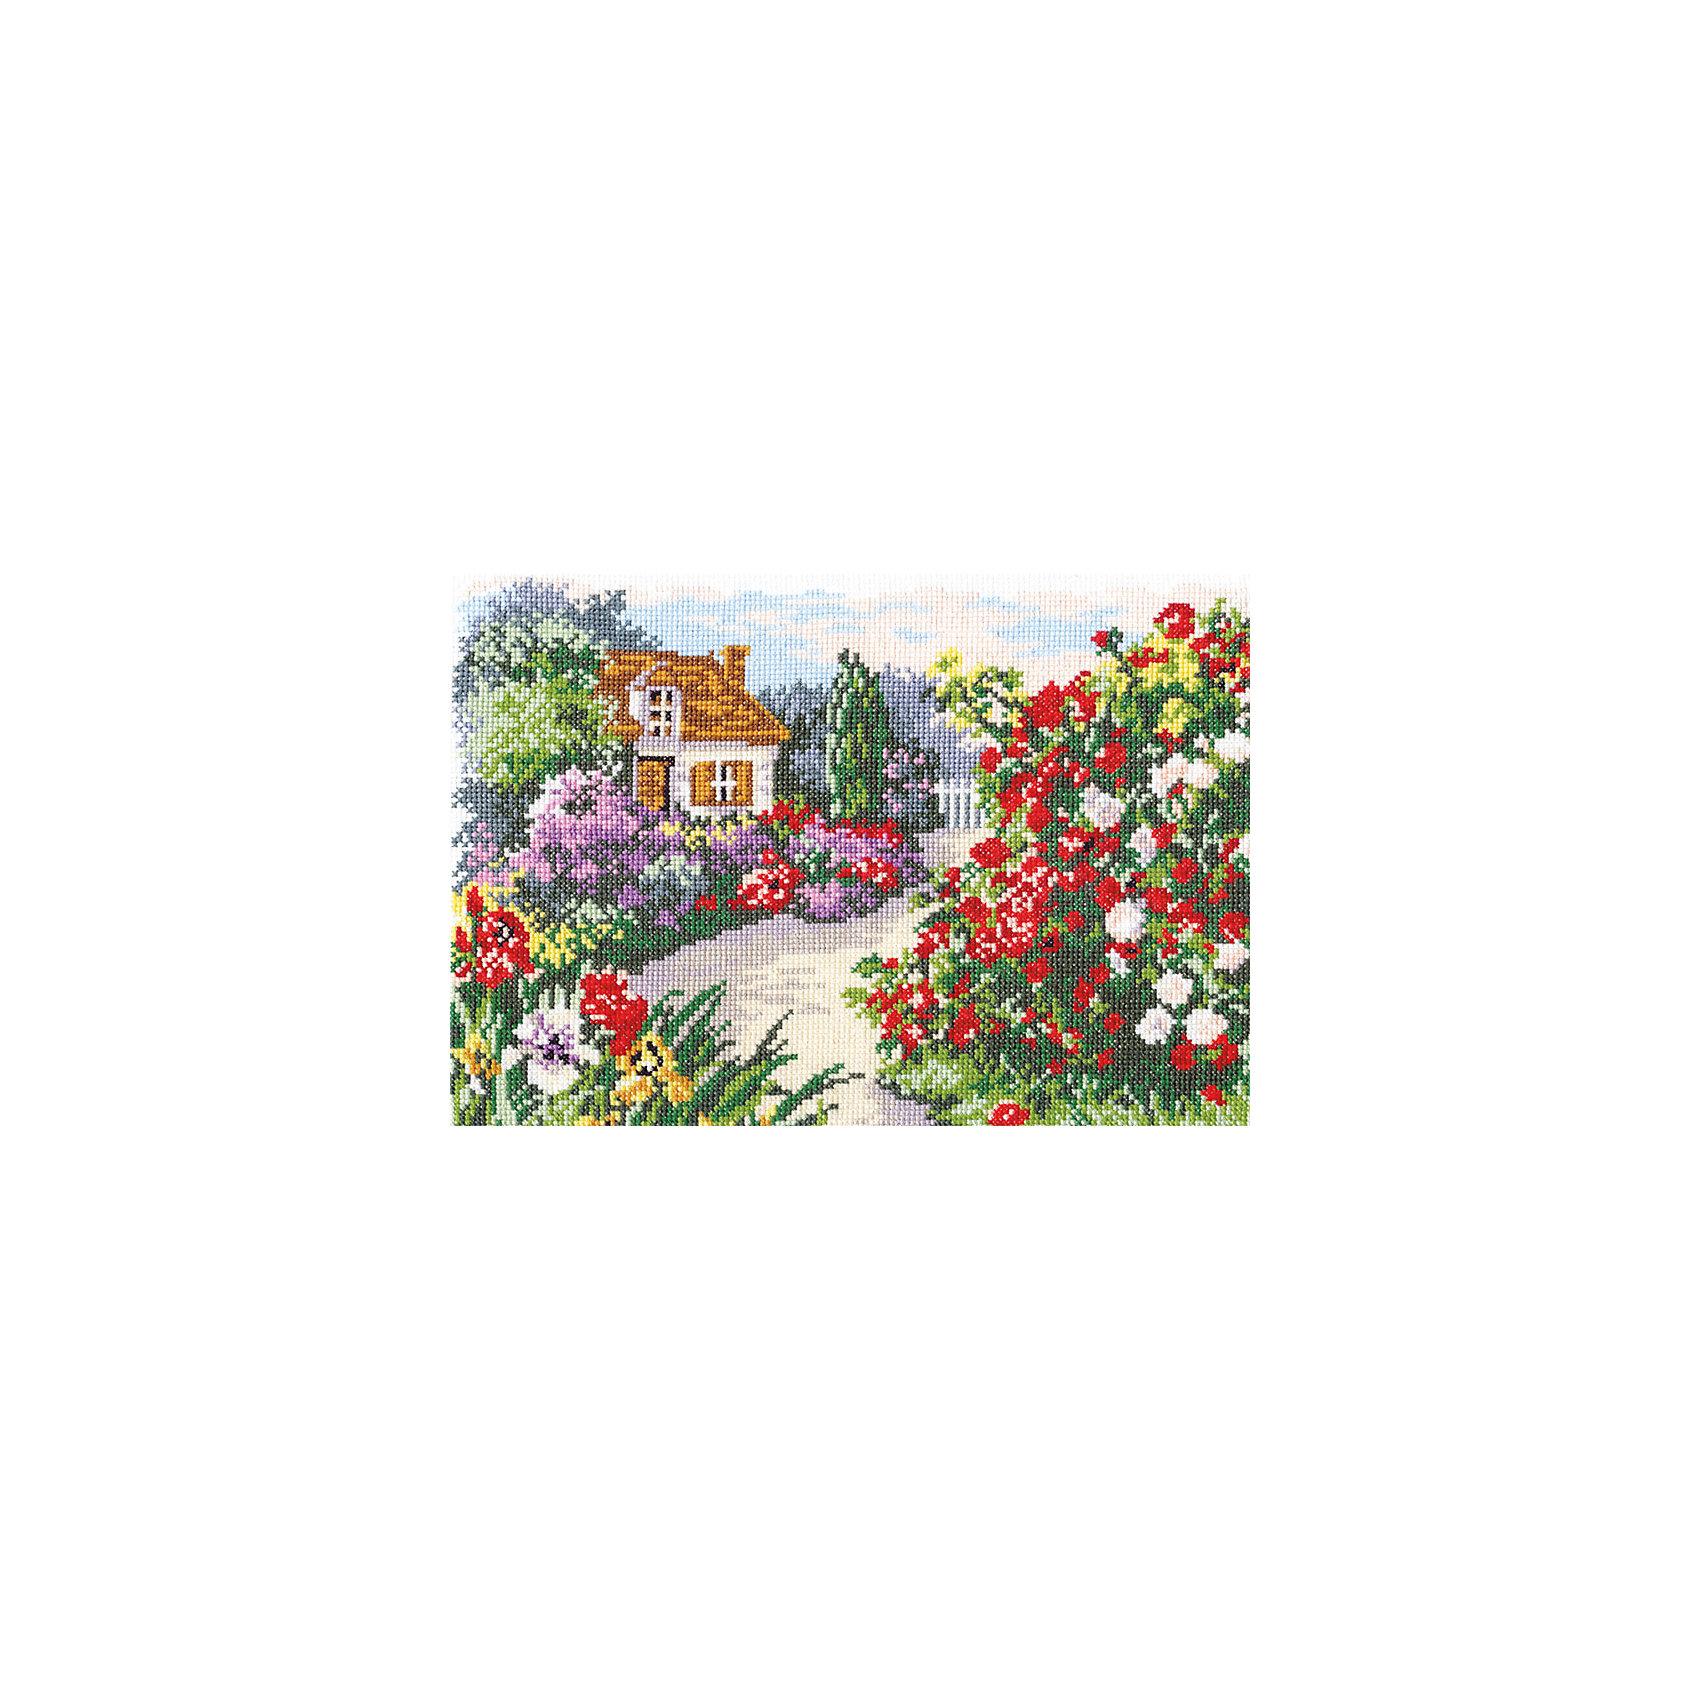 Набор для вышивания крестом «Цветущий сад»Набор для вышивания крестом «Цветущий сад» – это отличный подарок для маленьких рукодельниц!<br>Набор для вышивания крестом «Цветущий сад», несомненно, доставит удовольствие каждому ребенку. Вышивание - очень увлекательное занятие. Простота исполнения основного элемента (крестика) позволит даже начинающему любителю рукоделия достичь потрясающего результата. На вышивке изображен роскошный цветущий сад и очаровательный домик. Схема вышивки детально проработана. Набор порадует вас насыщенными красками, идеально подобранными нитками, а также канвой, которая имеет равномерную структуру, образующую отчетливые квадратики и отверстия в углах этих квадратов, облегчающие проведение иглы и весь процесс вышивки. А законченная вышивка прекрасно украсит любой интерьер, создаст уютную атмосферу в доме или станет самым ценным для друзей и знакомых. Вышивание крестиком поможет ребенку научиться пользоваться инструментами для шитья и поспособствует развитию творческих способностей.<br><br>Дополнительная информация:<br><br>- В наборе: нитки мулине 21 цвет; игла для вышивания №24; канва Аида 14, белого цвета (без рисунка); черно-белая схема для вышивания; краткая инструкция на русском языке<br>- Мулине: 100% хлопок<br>- Канва Аида 14: 100% хлопок, 55 клеточек на 10 см.<br>- Размер готового изделия: 29 х 20 см.<br>- Техника: счетный крест<br>- Сложность: средняя<br><br>Набор для вышивания крестом «Цветущий сад» можно купить в нашем интернет-магазине.<br><br>Ширина мм: 350<br>Глубина мм: 200<br>Высота мм: 50<br>Вес г: 200<br>Возраст от месяцев: 84<br>Возраст до месяцев: 168<br>Пол: Женский<br>Возраст: Детский<br>SKU: 4518088